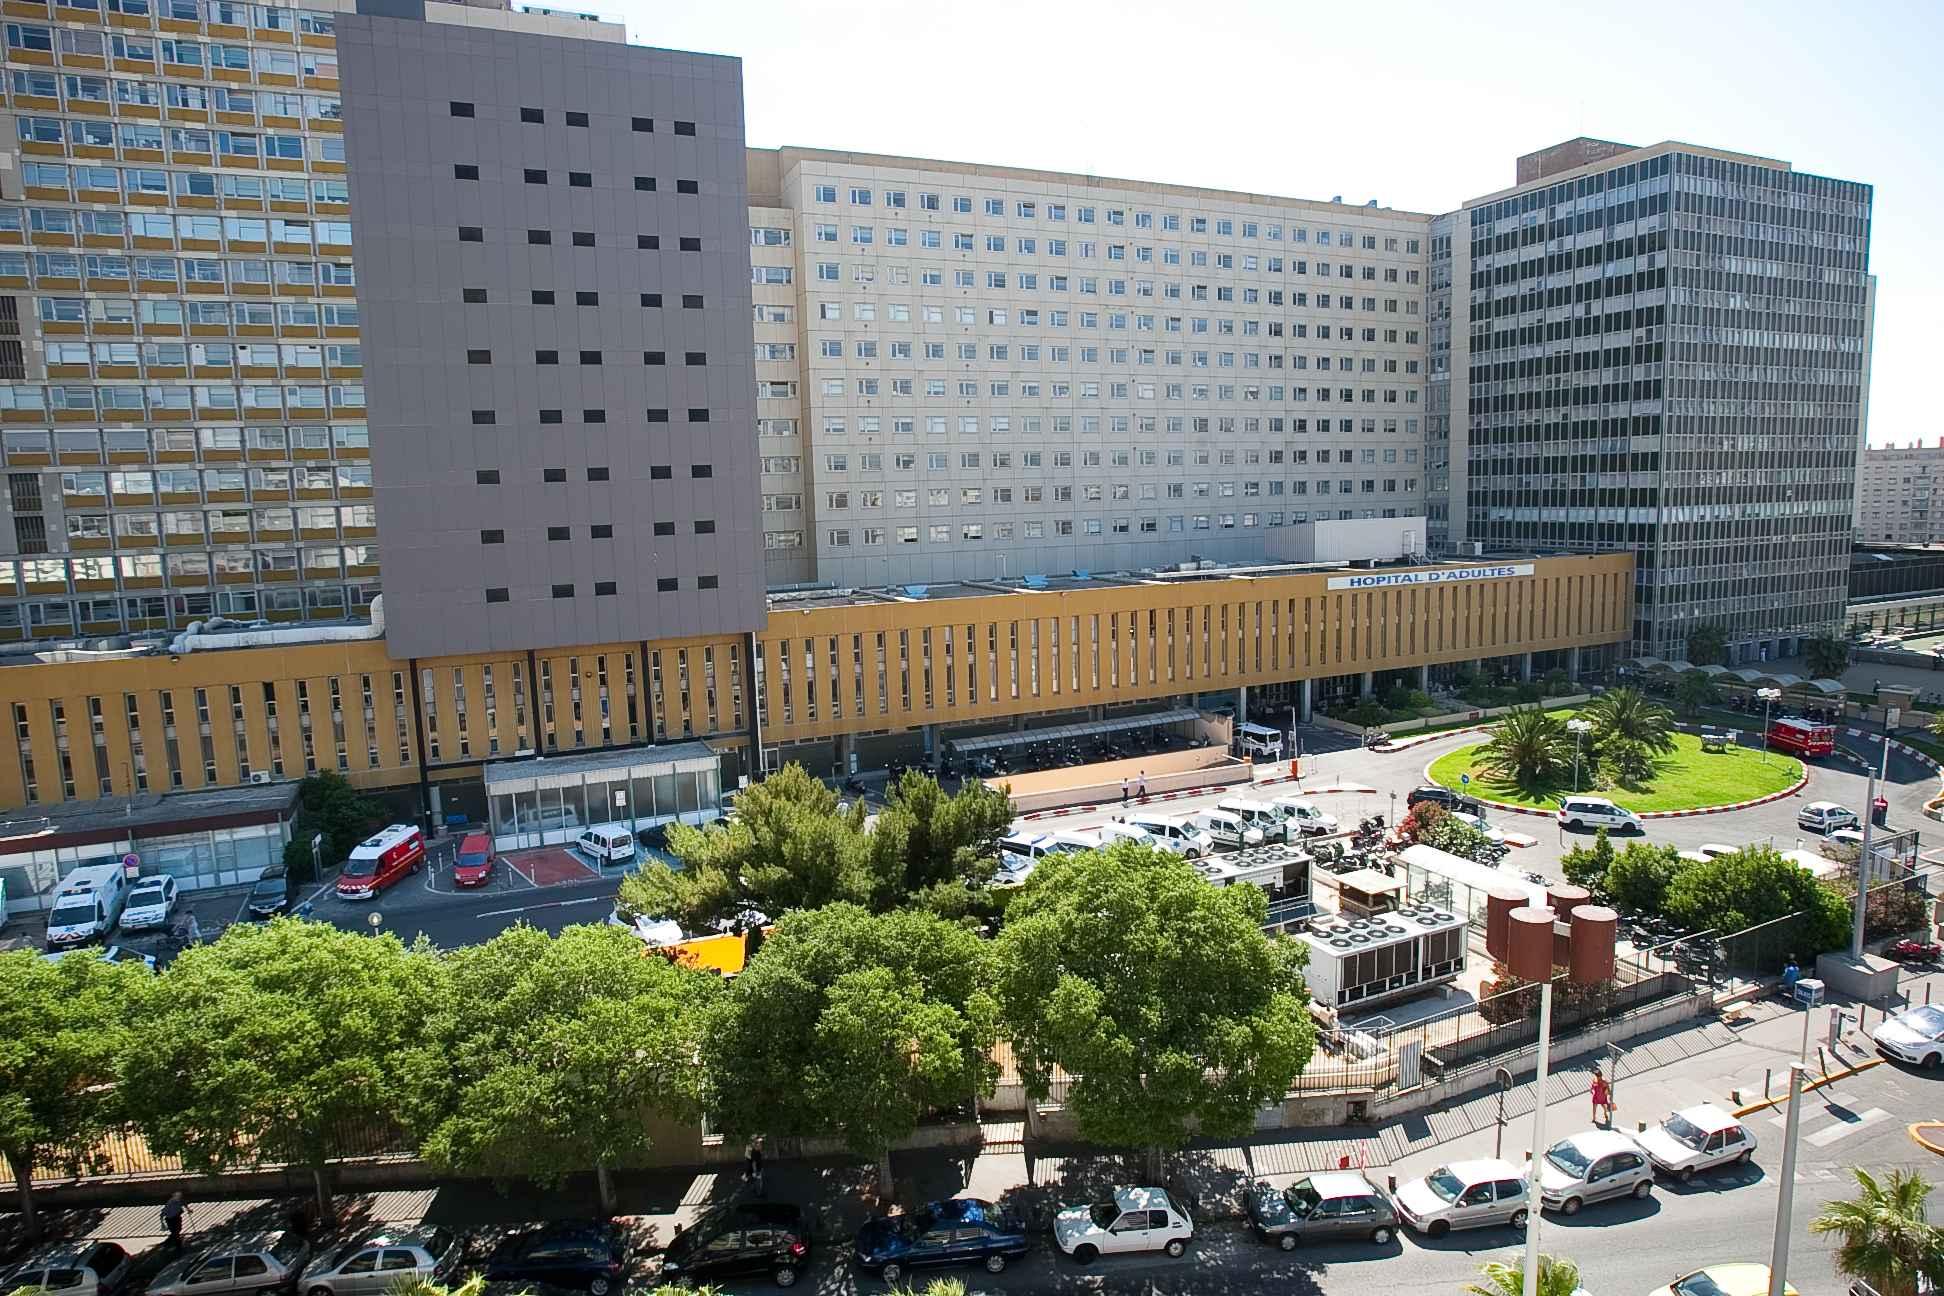 2048x1536-fit_marseille-le-26-mai-2011-l-hpital-de-la-timone-avec-le-service-des-urgences-sur-la-gauche